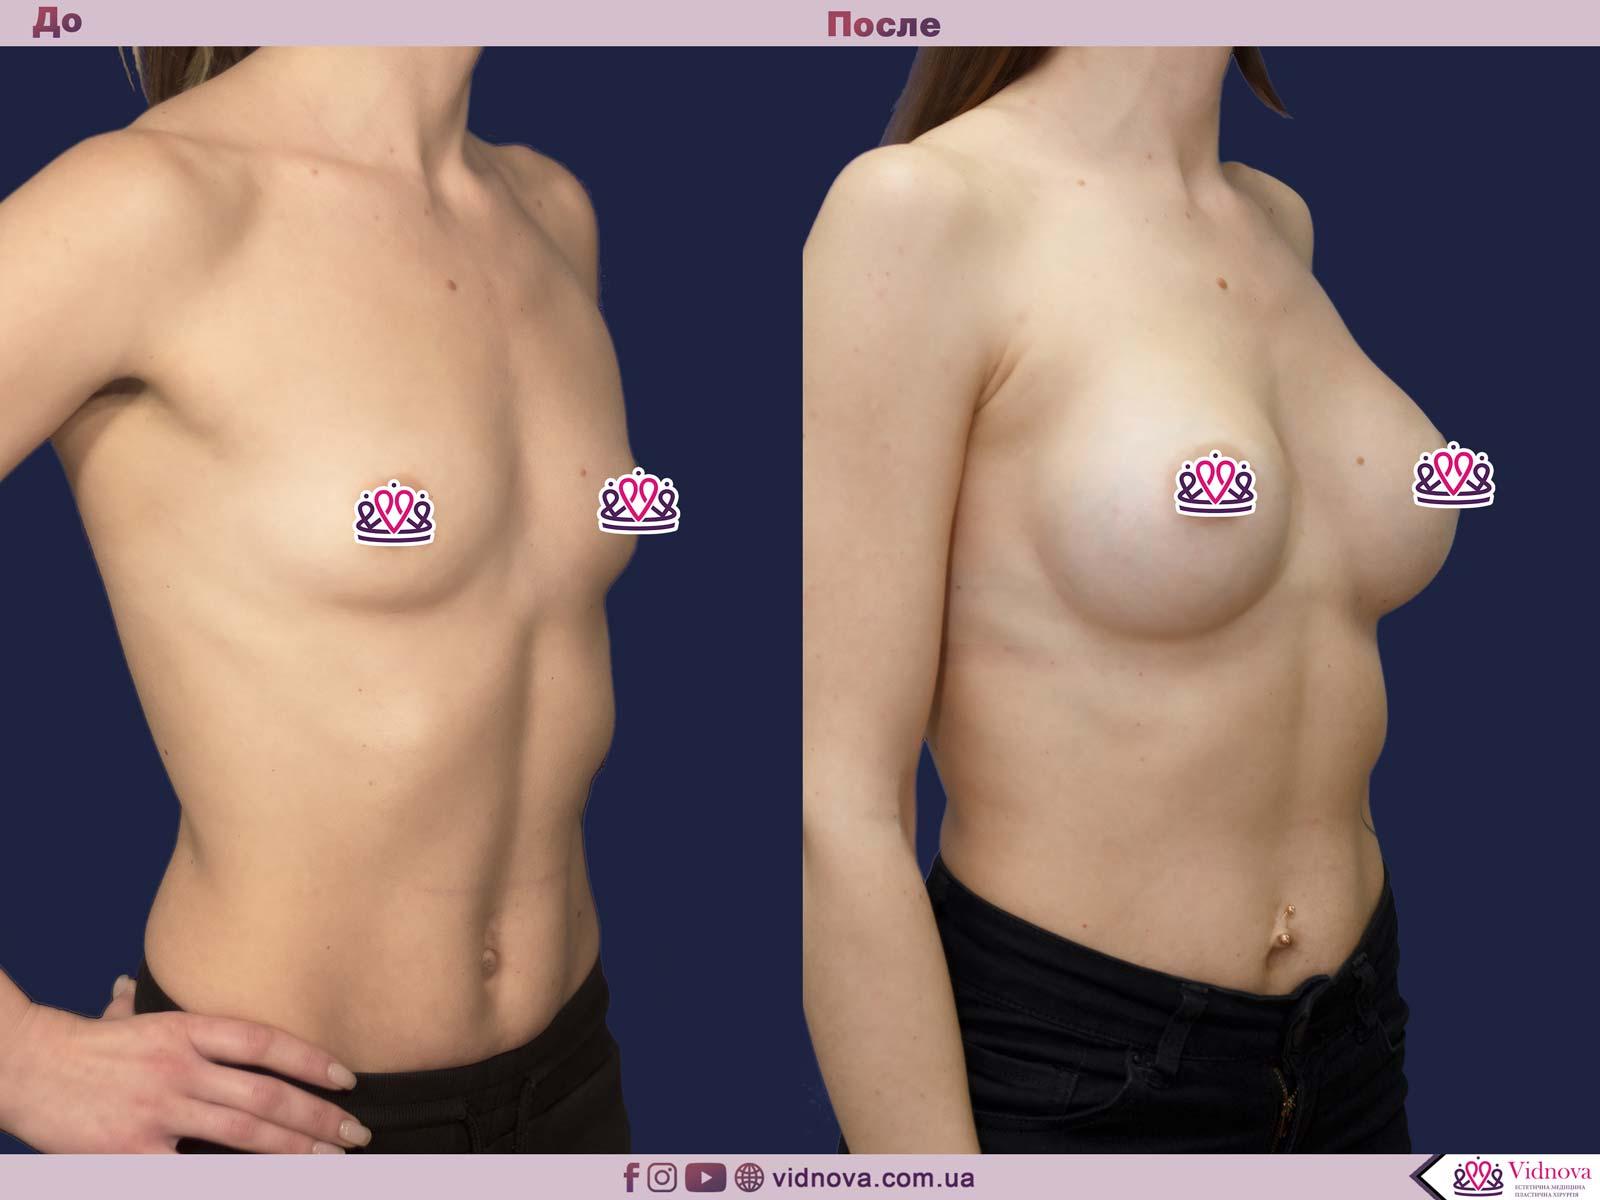 Пластика груди: результаты до и после - Пример №29-1 - Светлана Работенко